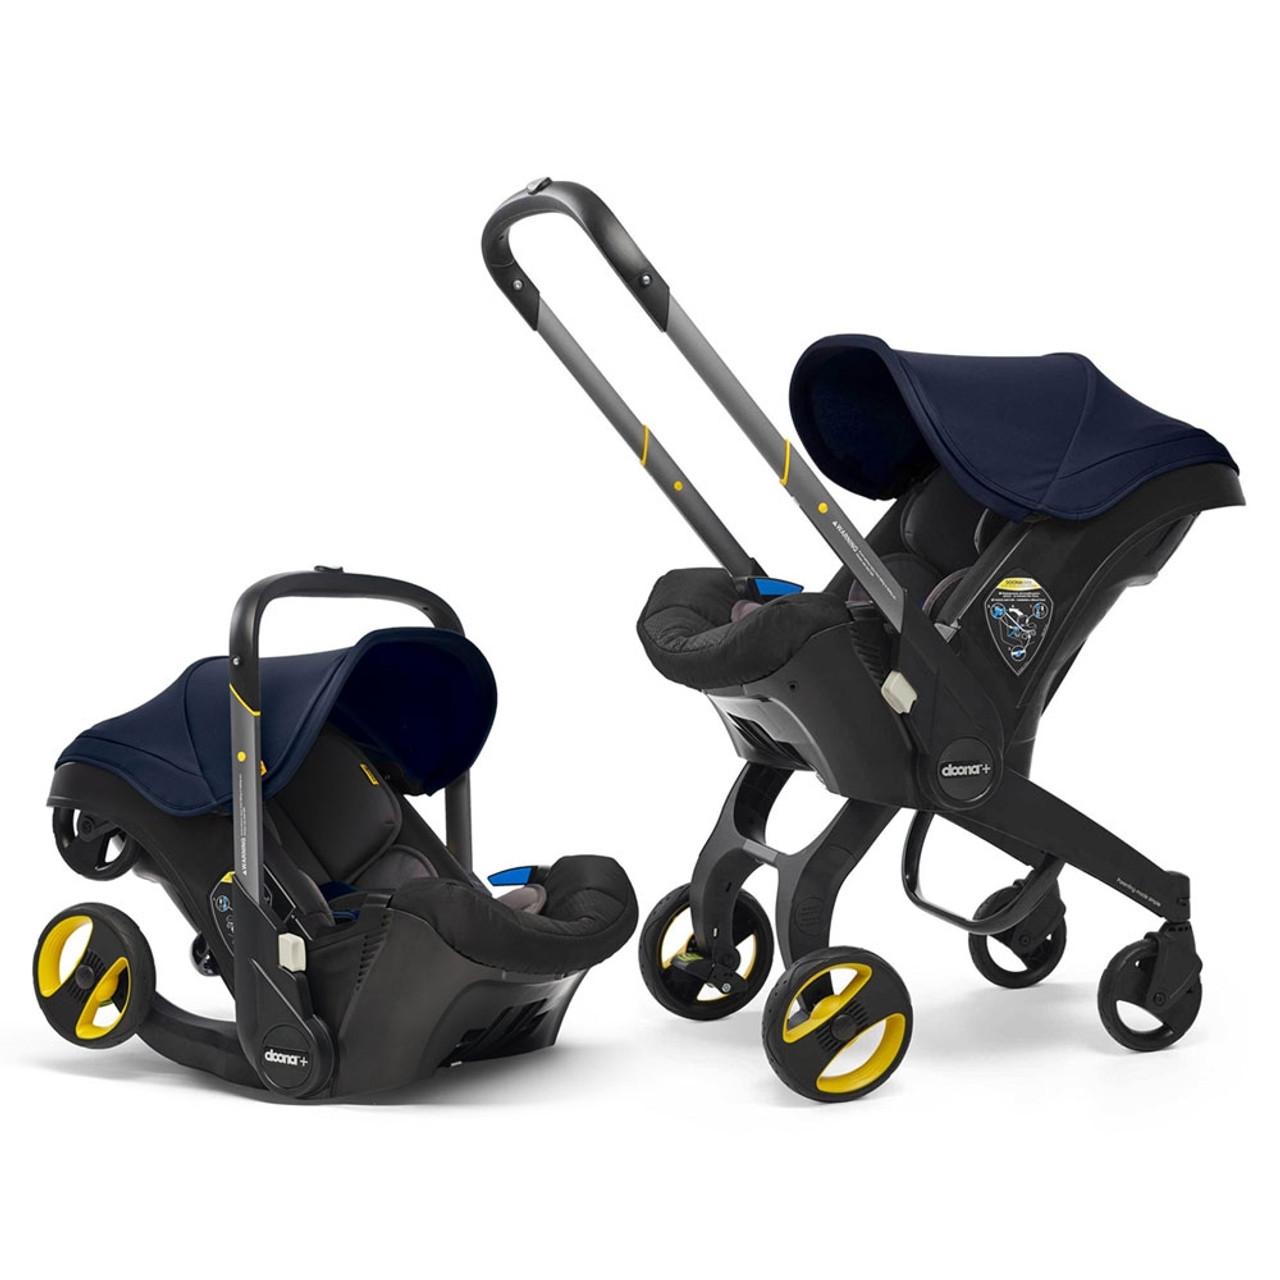 41+ Doona stroller sale uk info